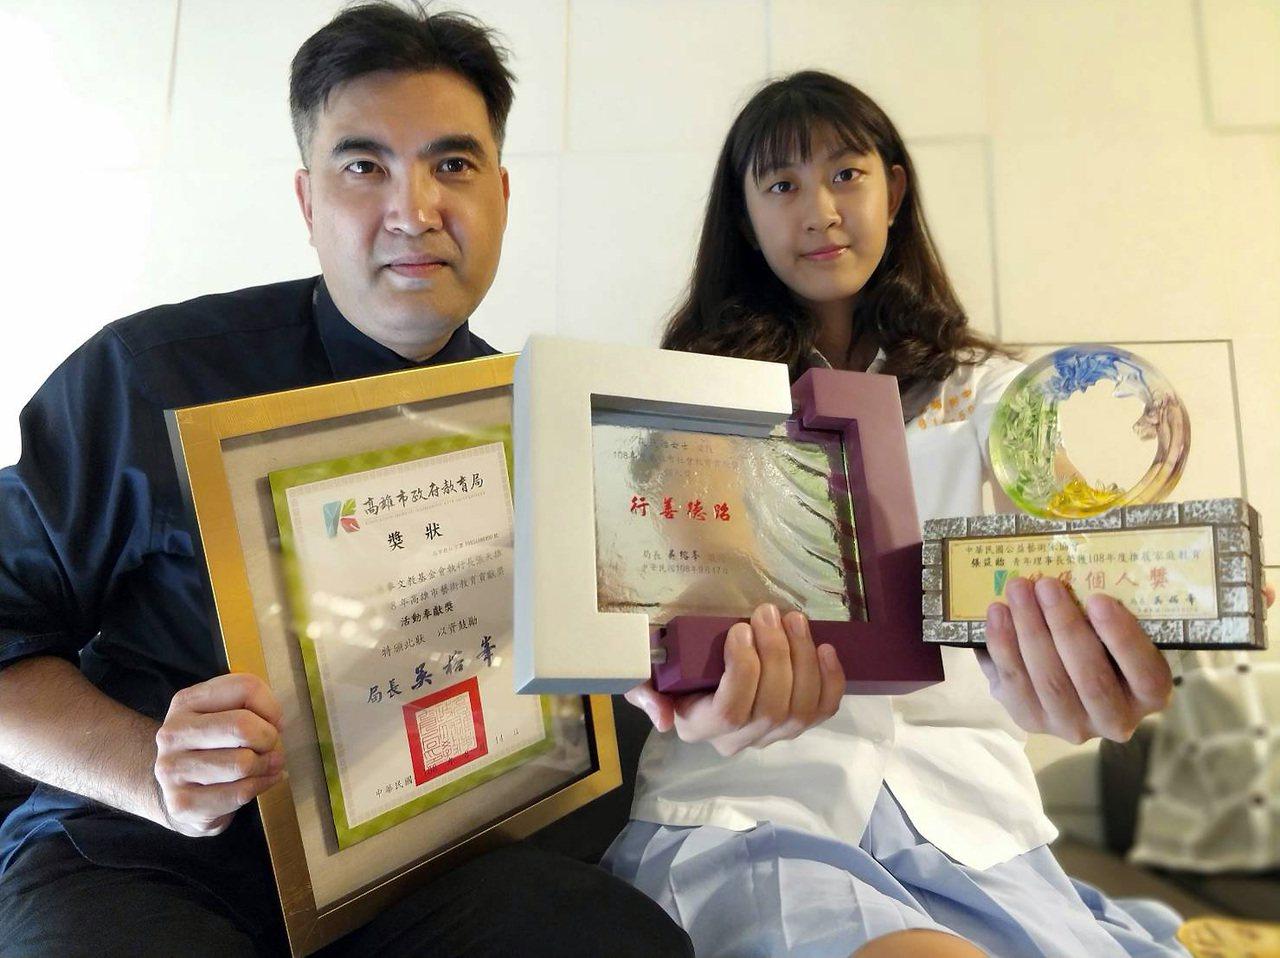 張天雄(左)與張筑貽(右)父女,分獲社會教育貢獻獎、藝術教育貢獻獎與家庭教育獎。...